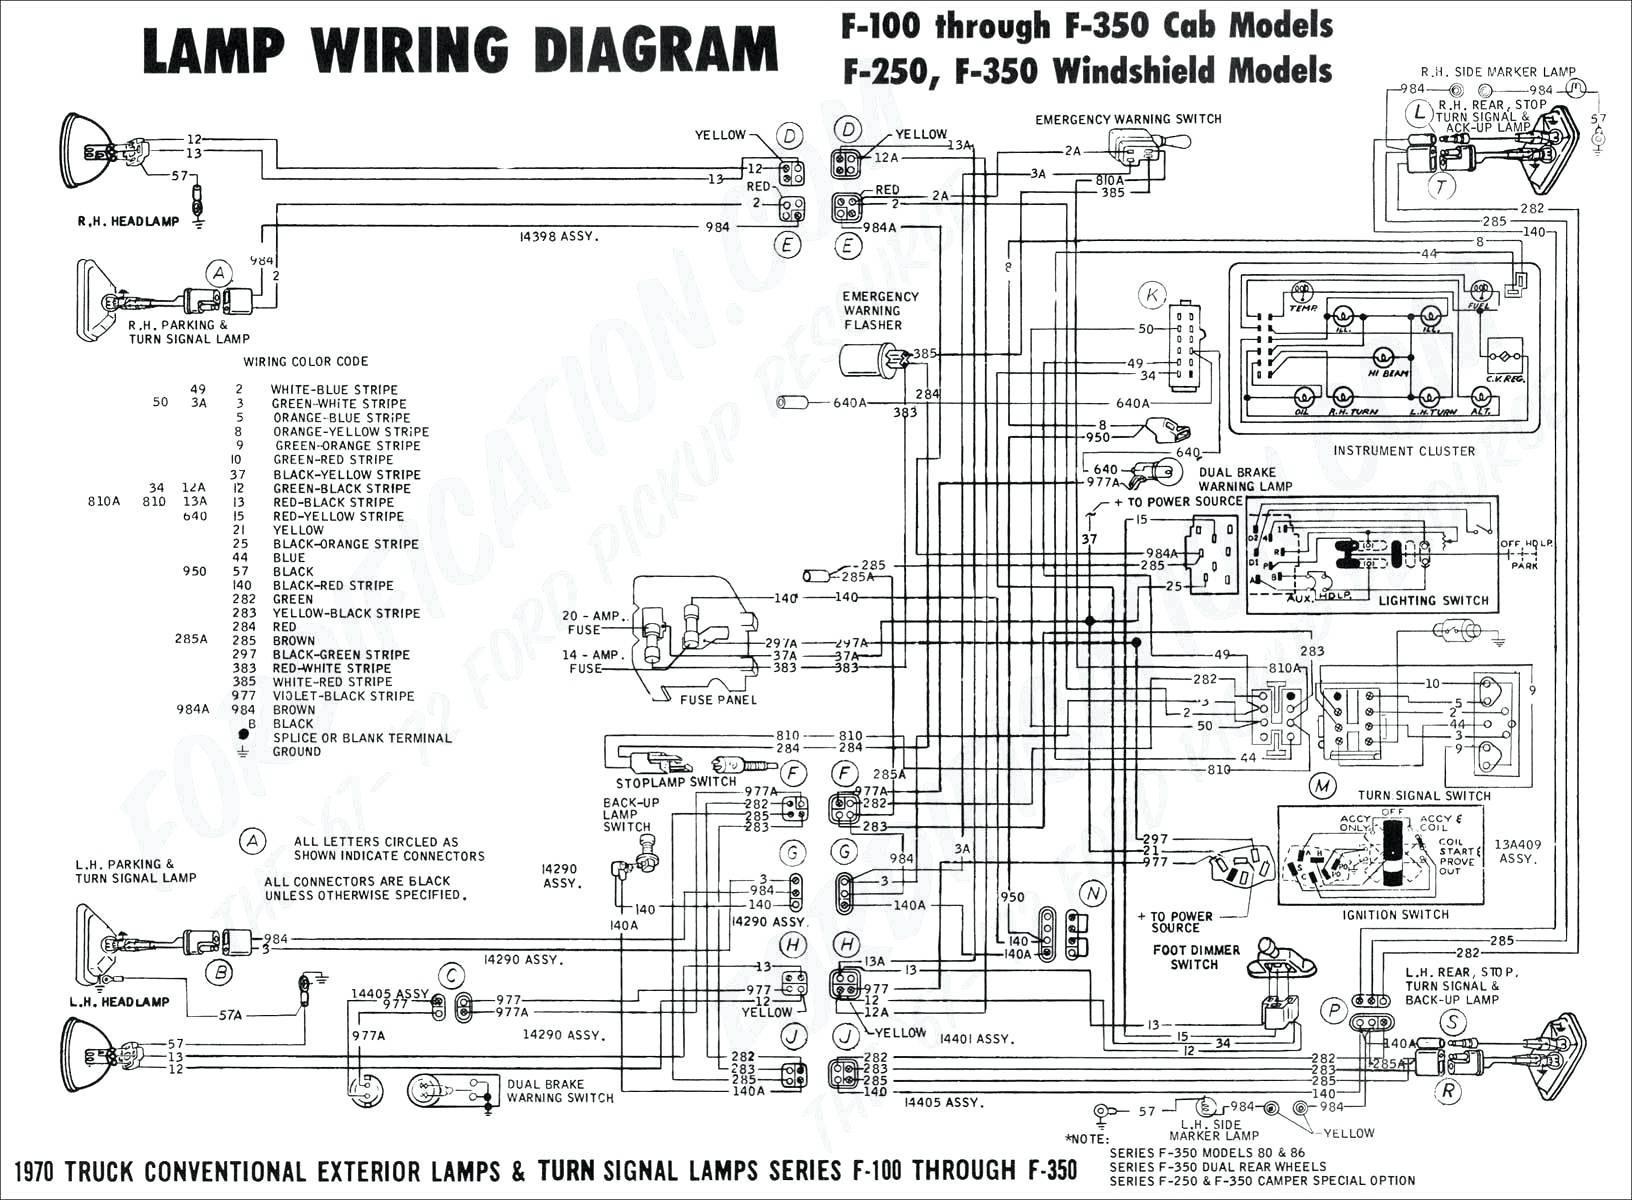 Dyna Jack M 3551 Wiring Diagram